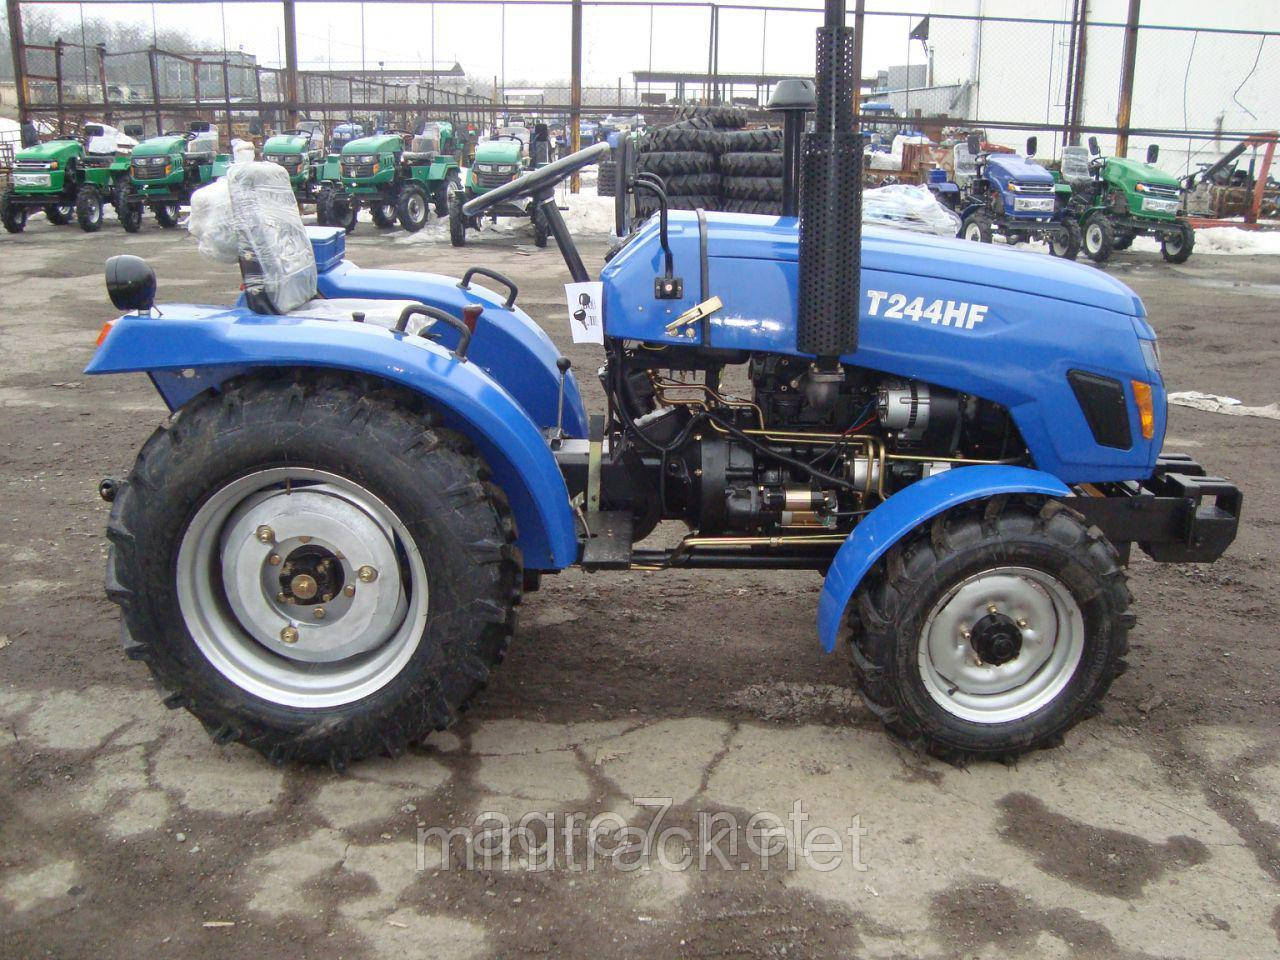 Трактор Xingtai T244HF (24 л.с.,, 4х4, 3 цил., розетка)